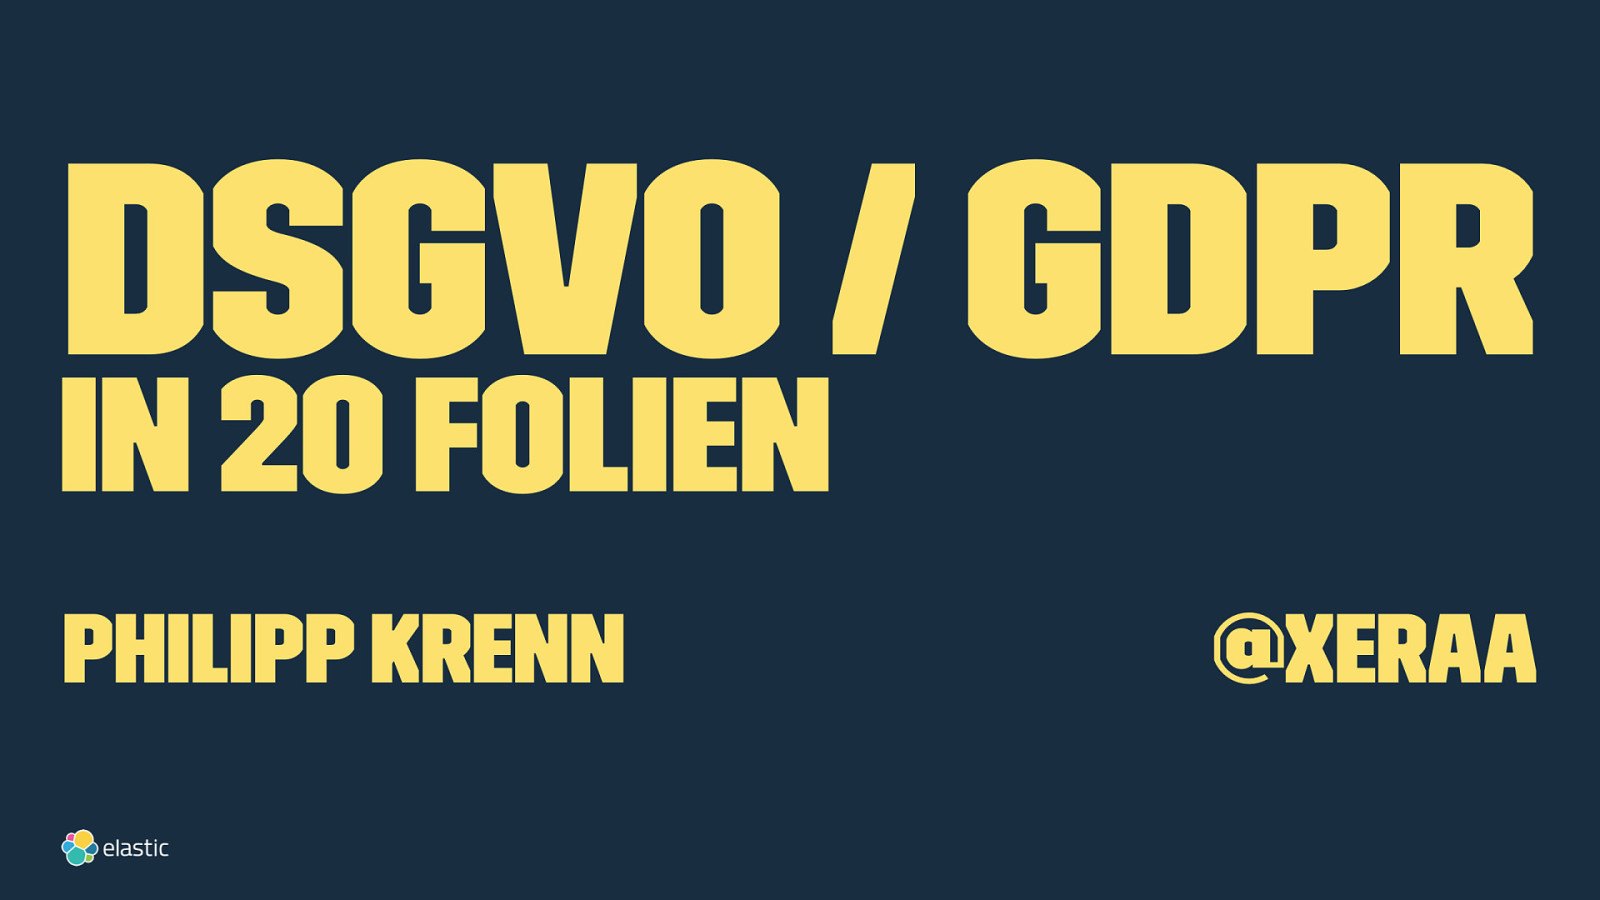 GDPR / DSGVO in 20 Folien